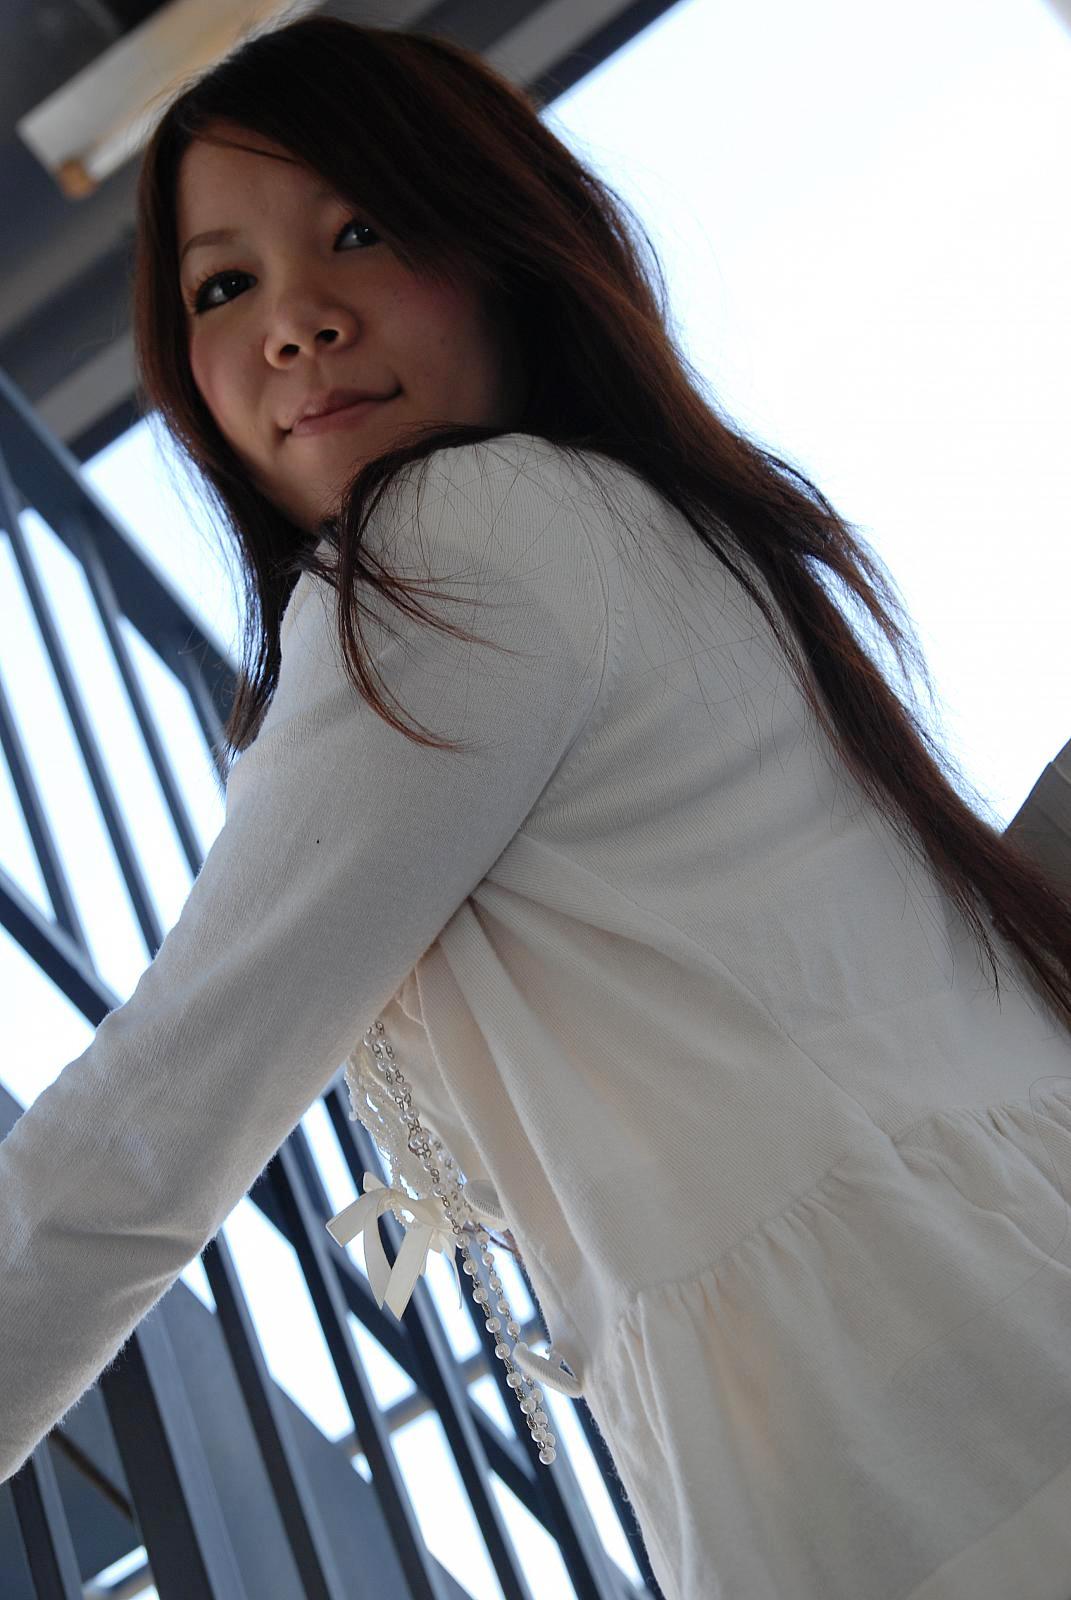 Japanese teen shiori shimizu rides hard cock 6